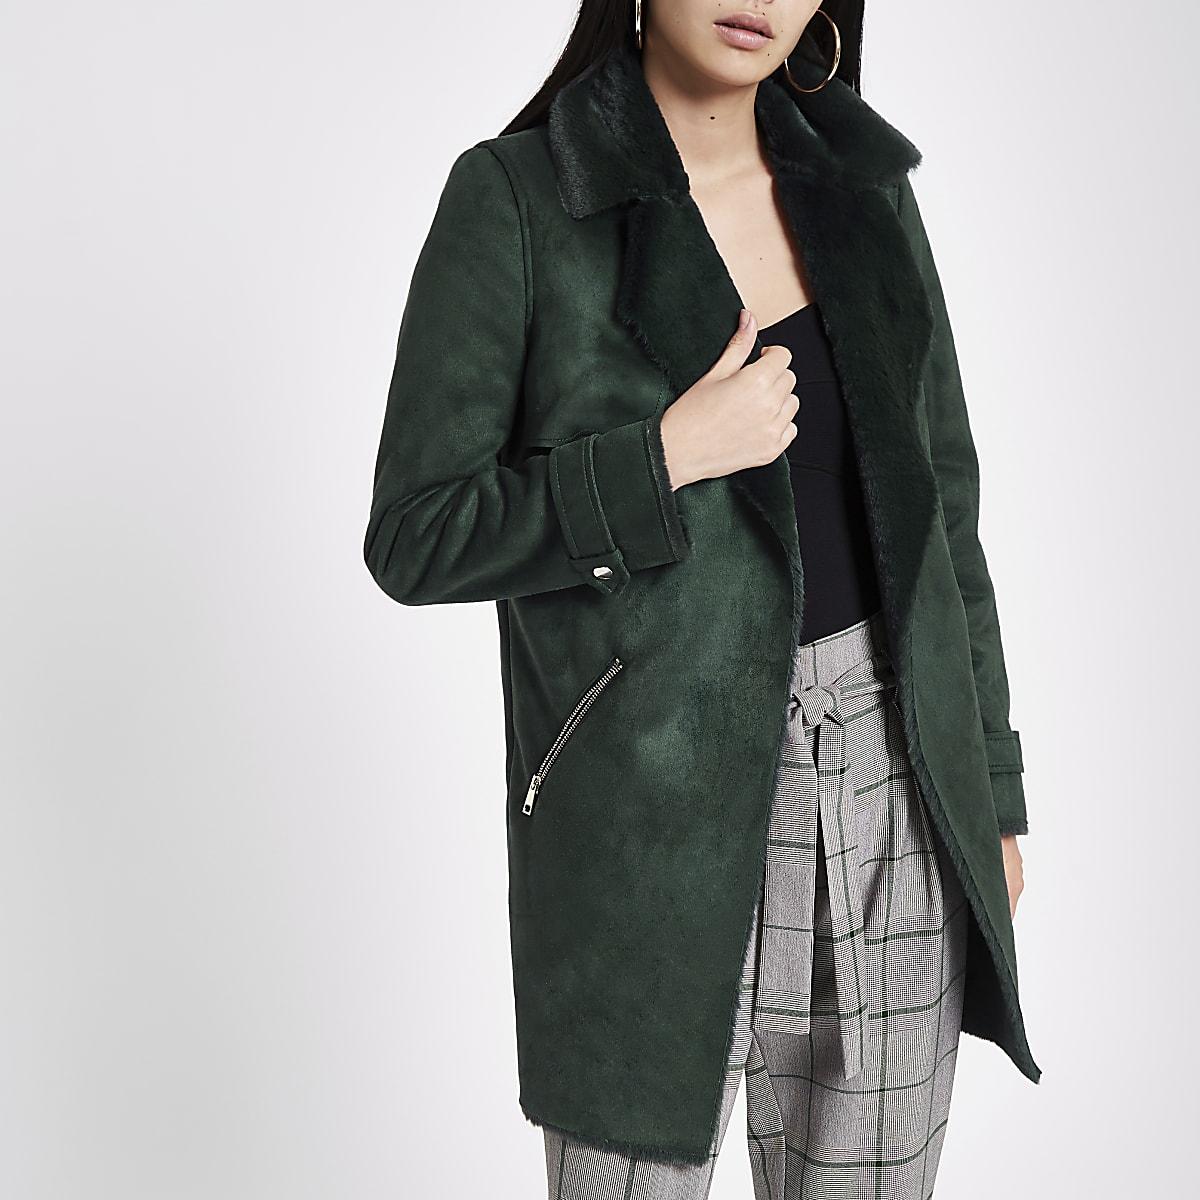 8d7c885e1 Dark green faux suede fallaway jacket